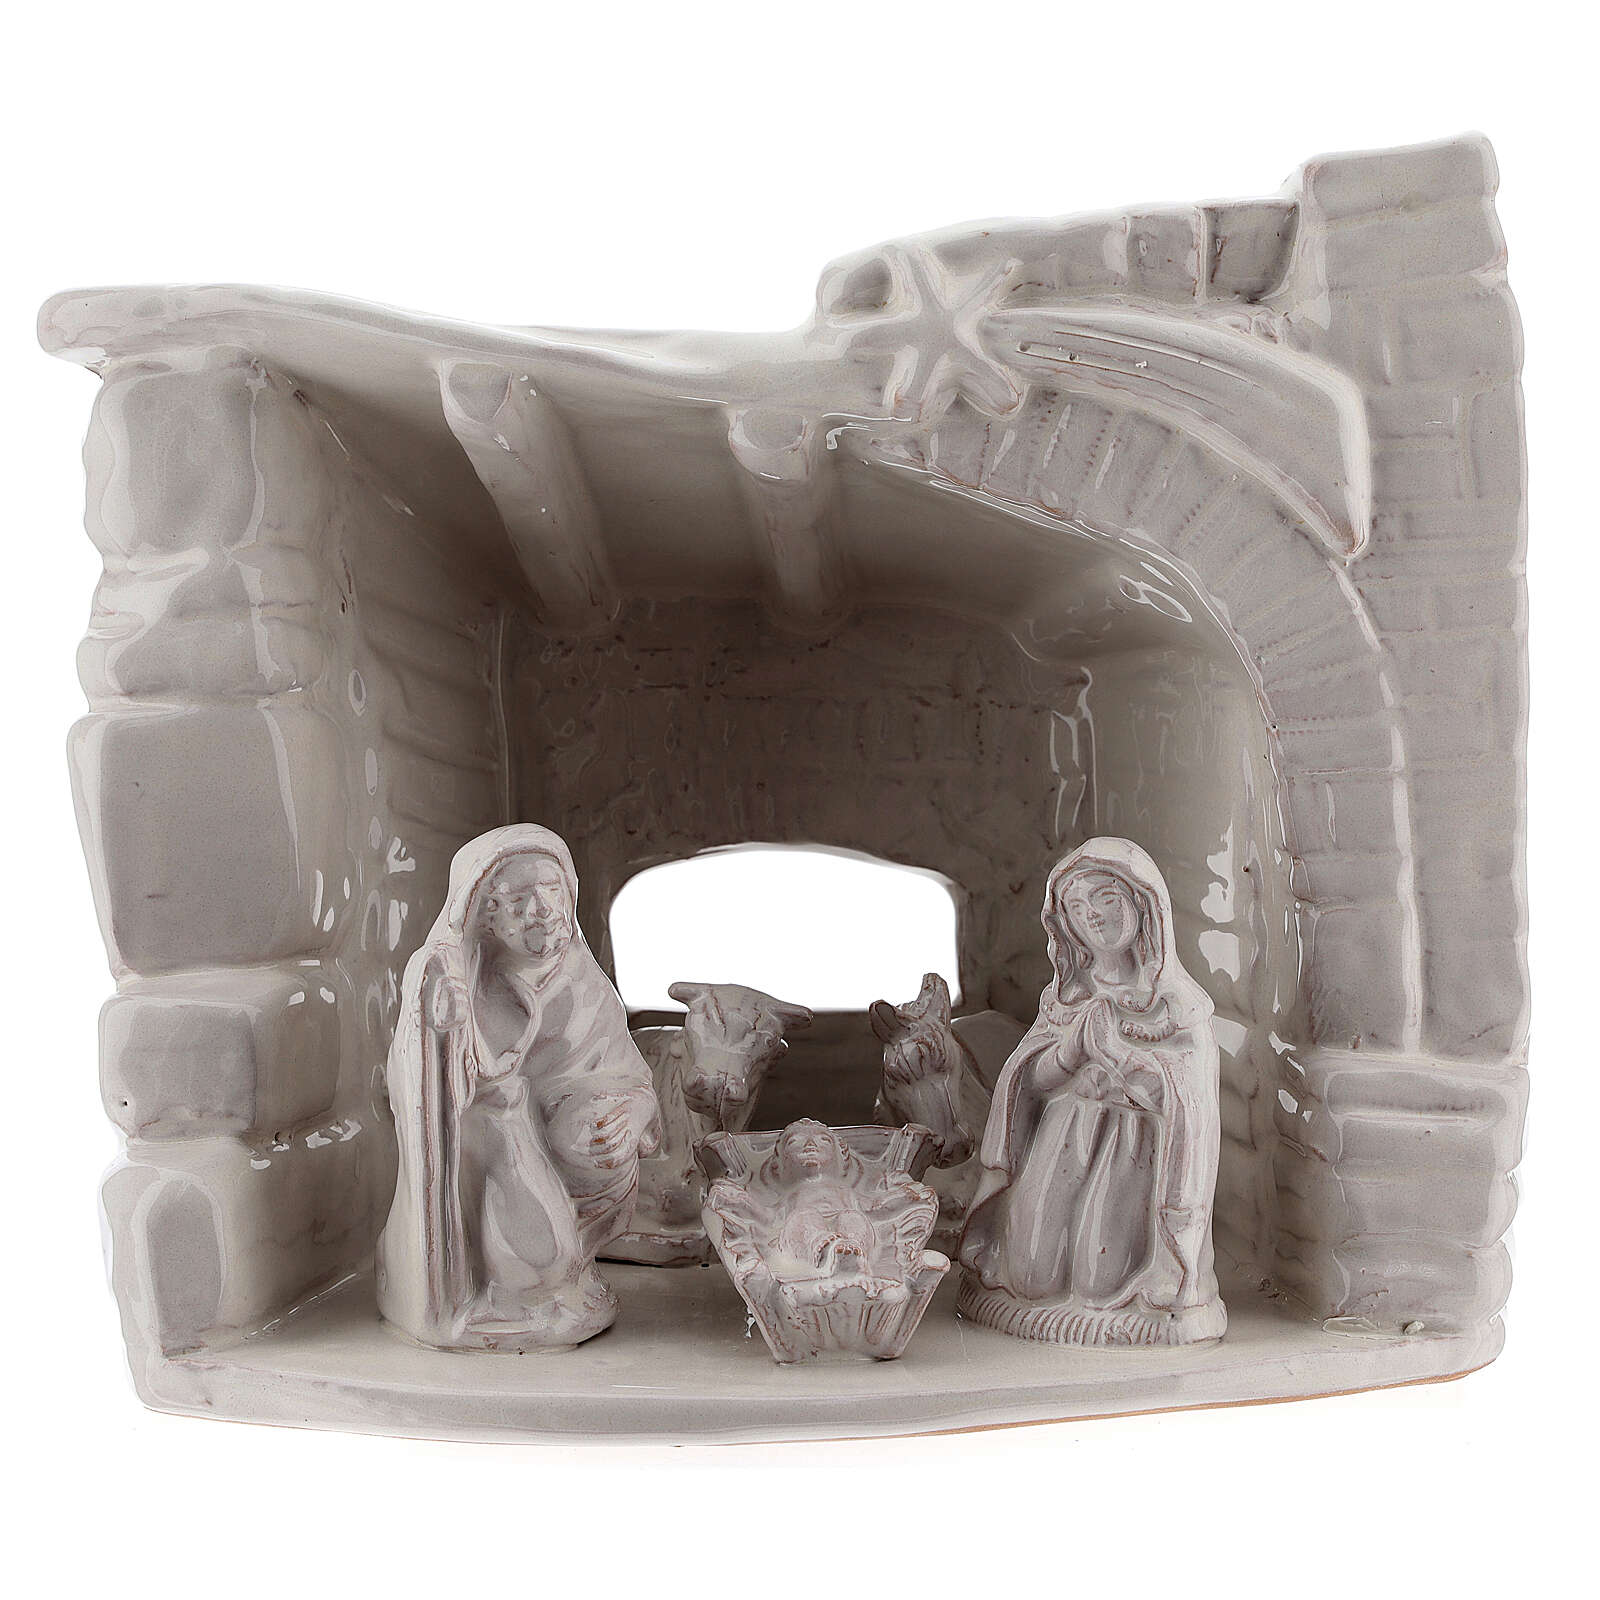 Capanna natività sasso mezza arcata terracotta bianca Deruta 20 cm 4